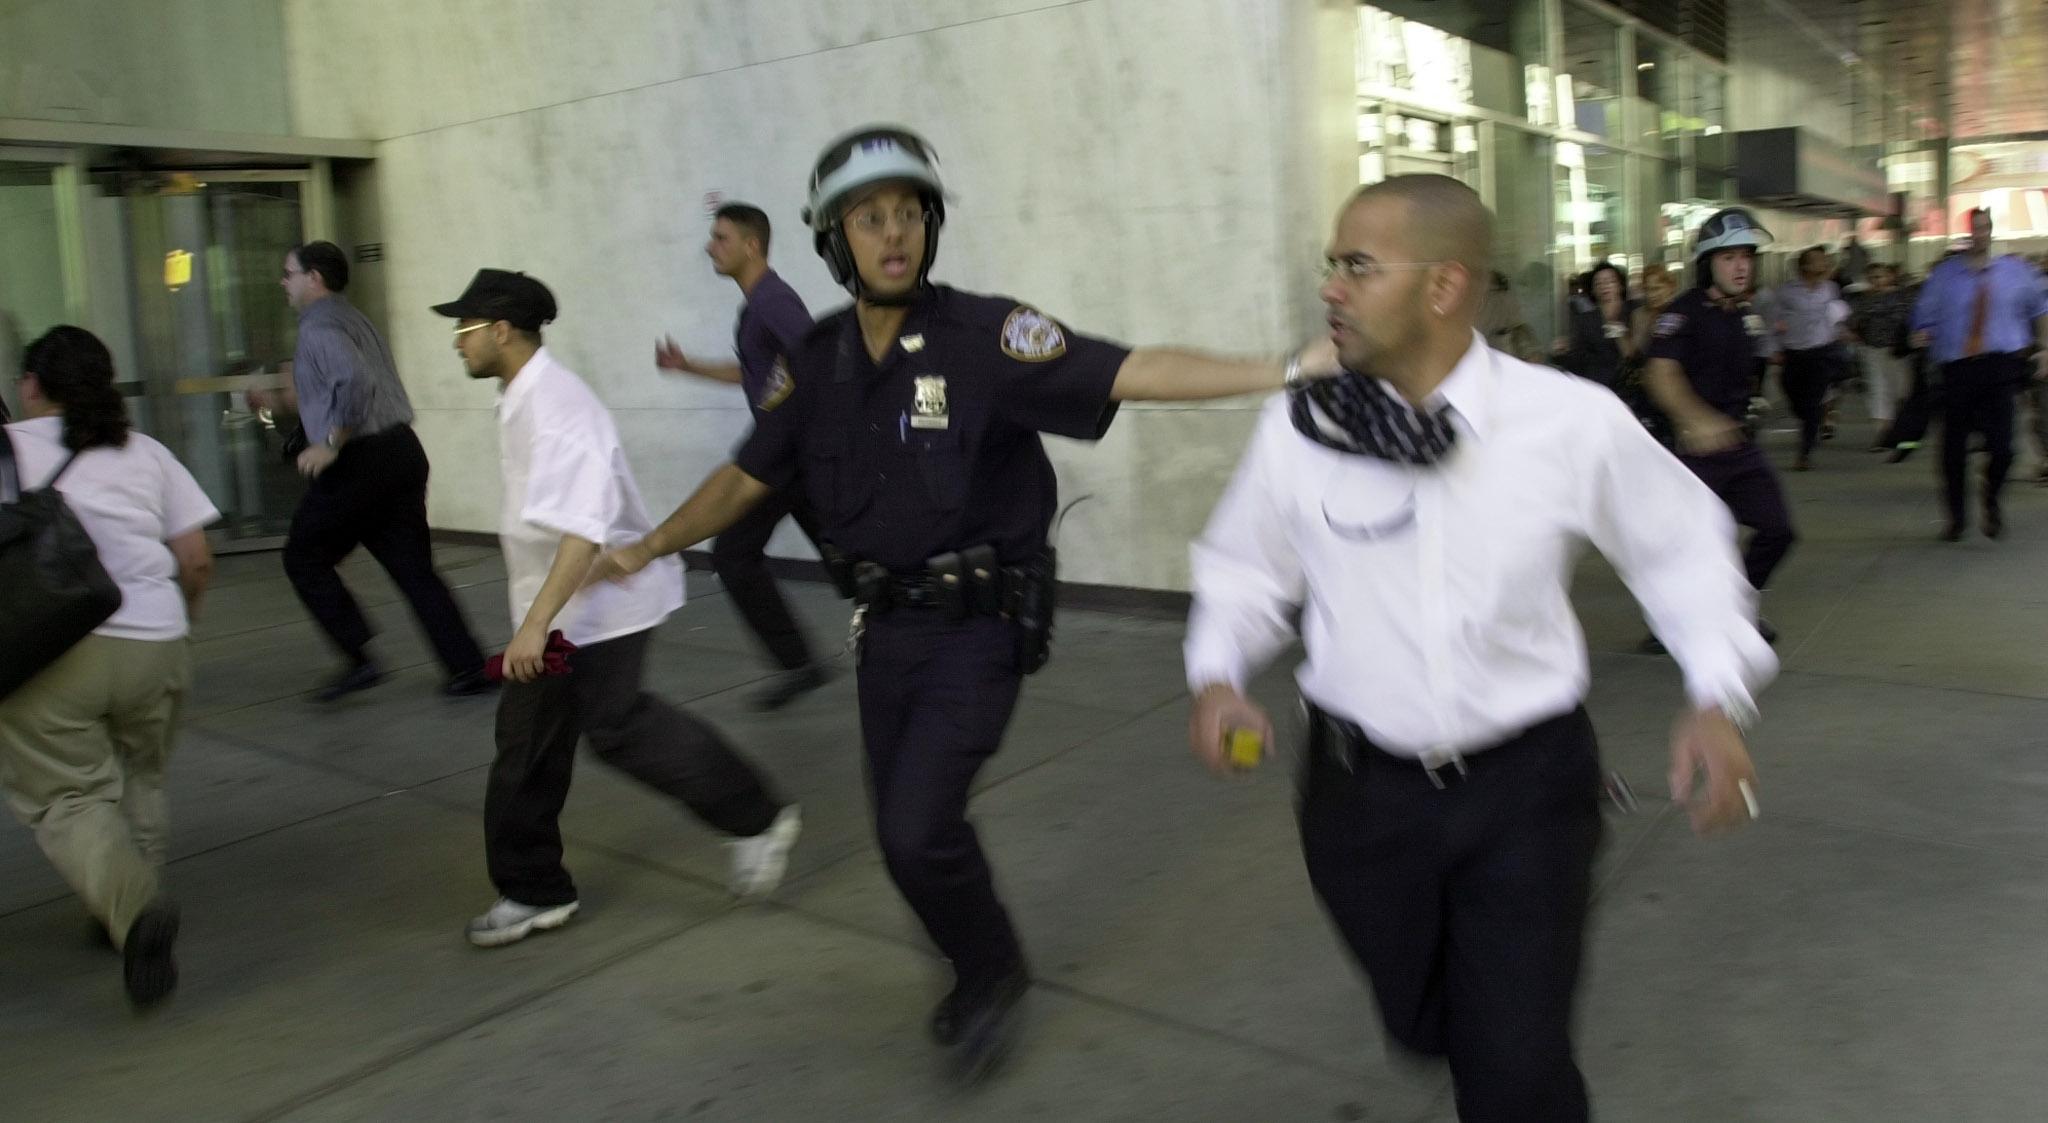 أشخاص يهربون إثر انهيار أحد البرجين